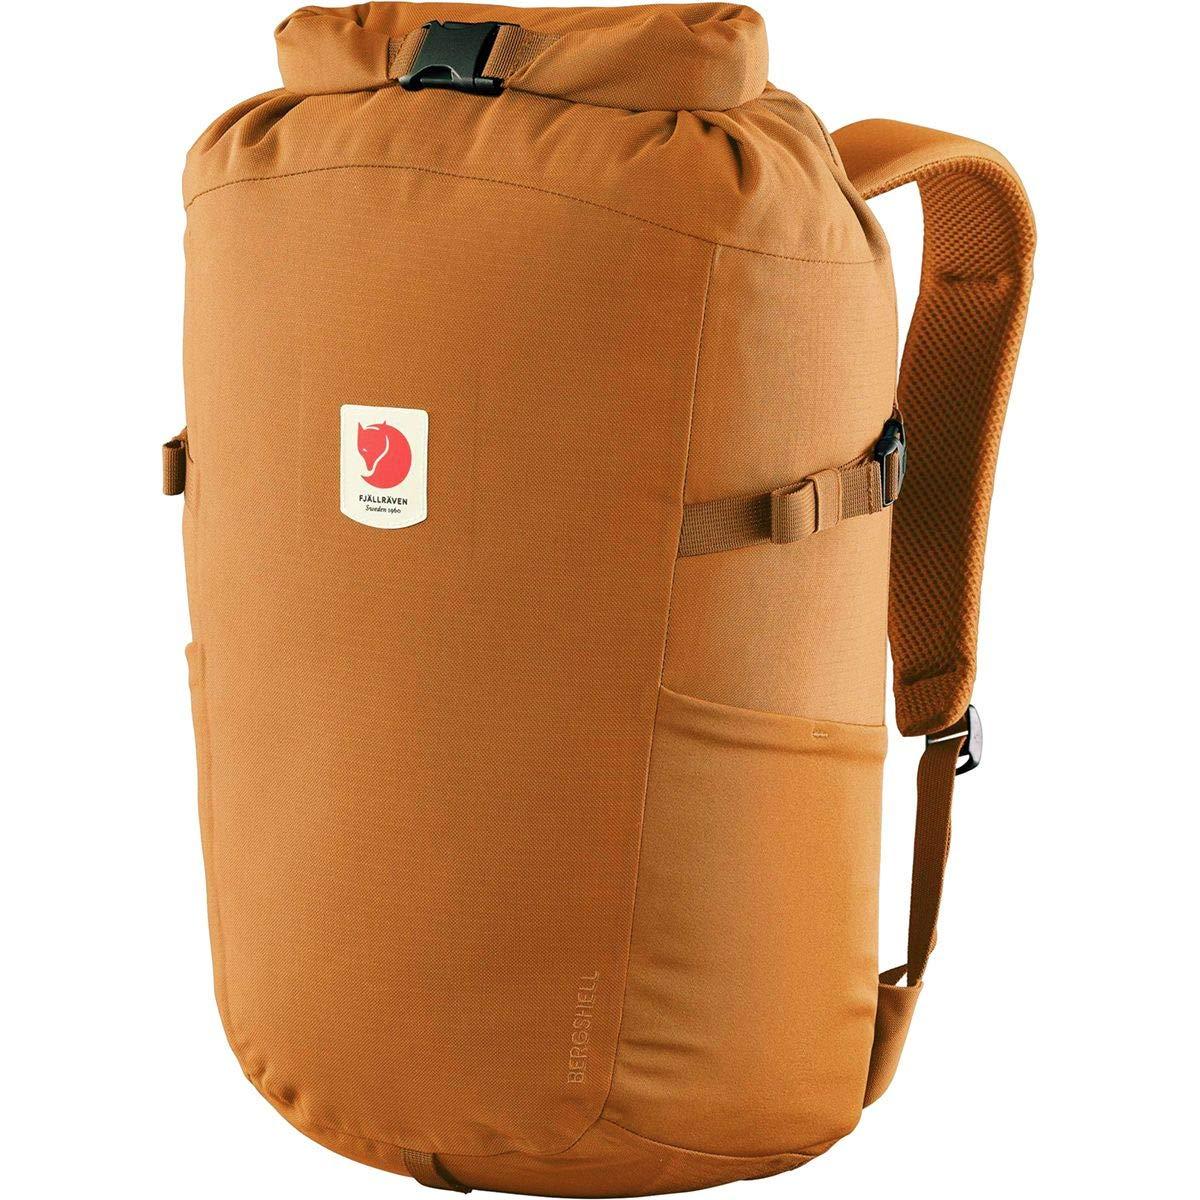 [フェールラーベン] メンズ バックパックリュックサック Ulvo Rolltop 23L Backpack [並行輸入品] No-Size  B07QQQW4KY